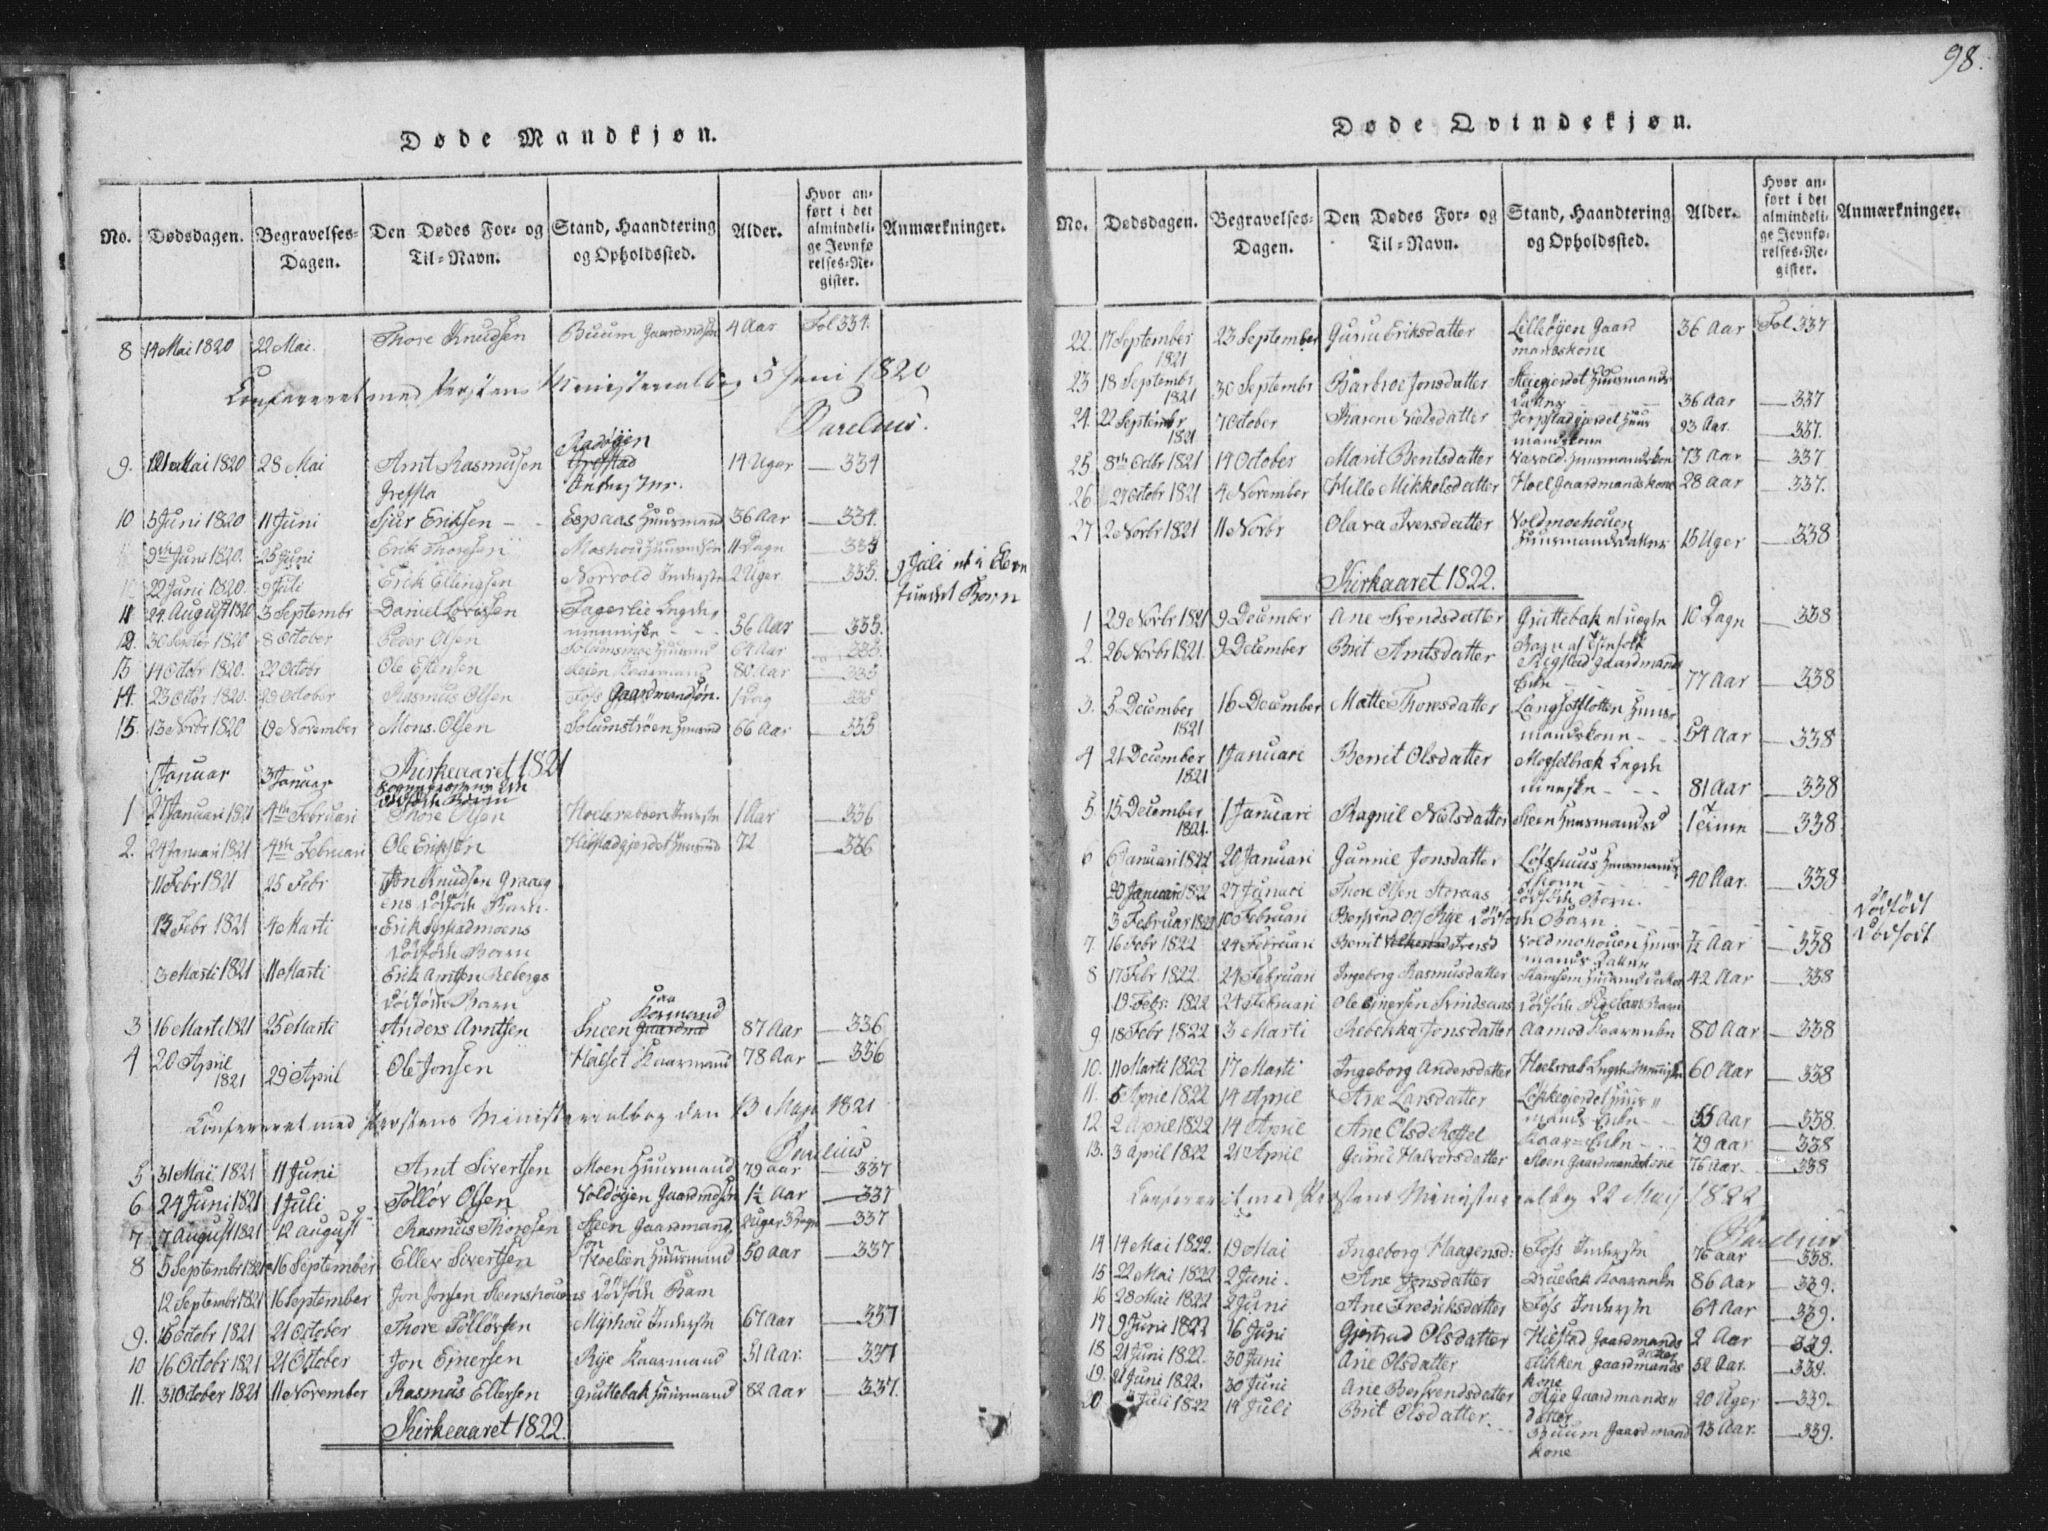 SAT, Ministerialprotokoller, klokkerbøker og fødselsregistre - Sør-Trøndelag, 672/L0862: Klokkerbok nr. 672C01, 1816-1831, s. 98